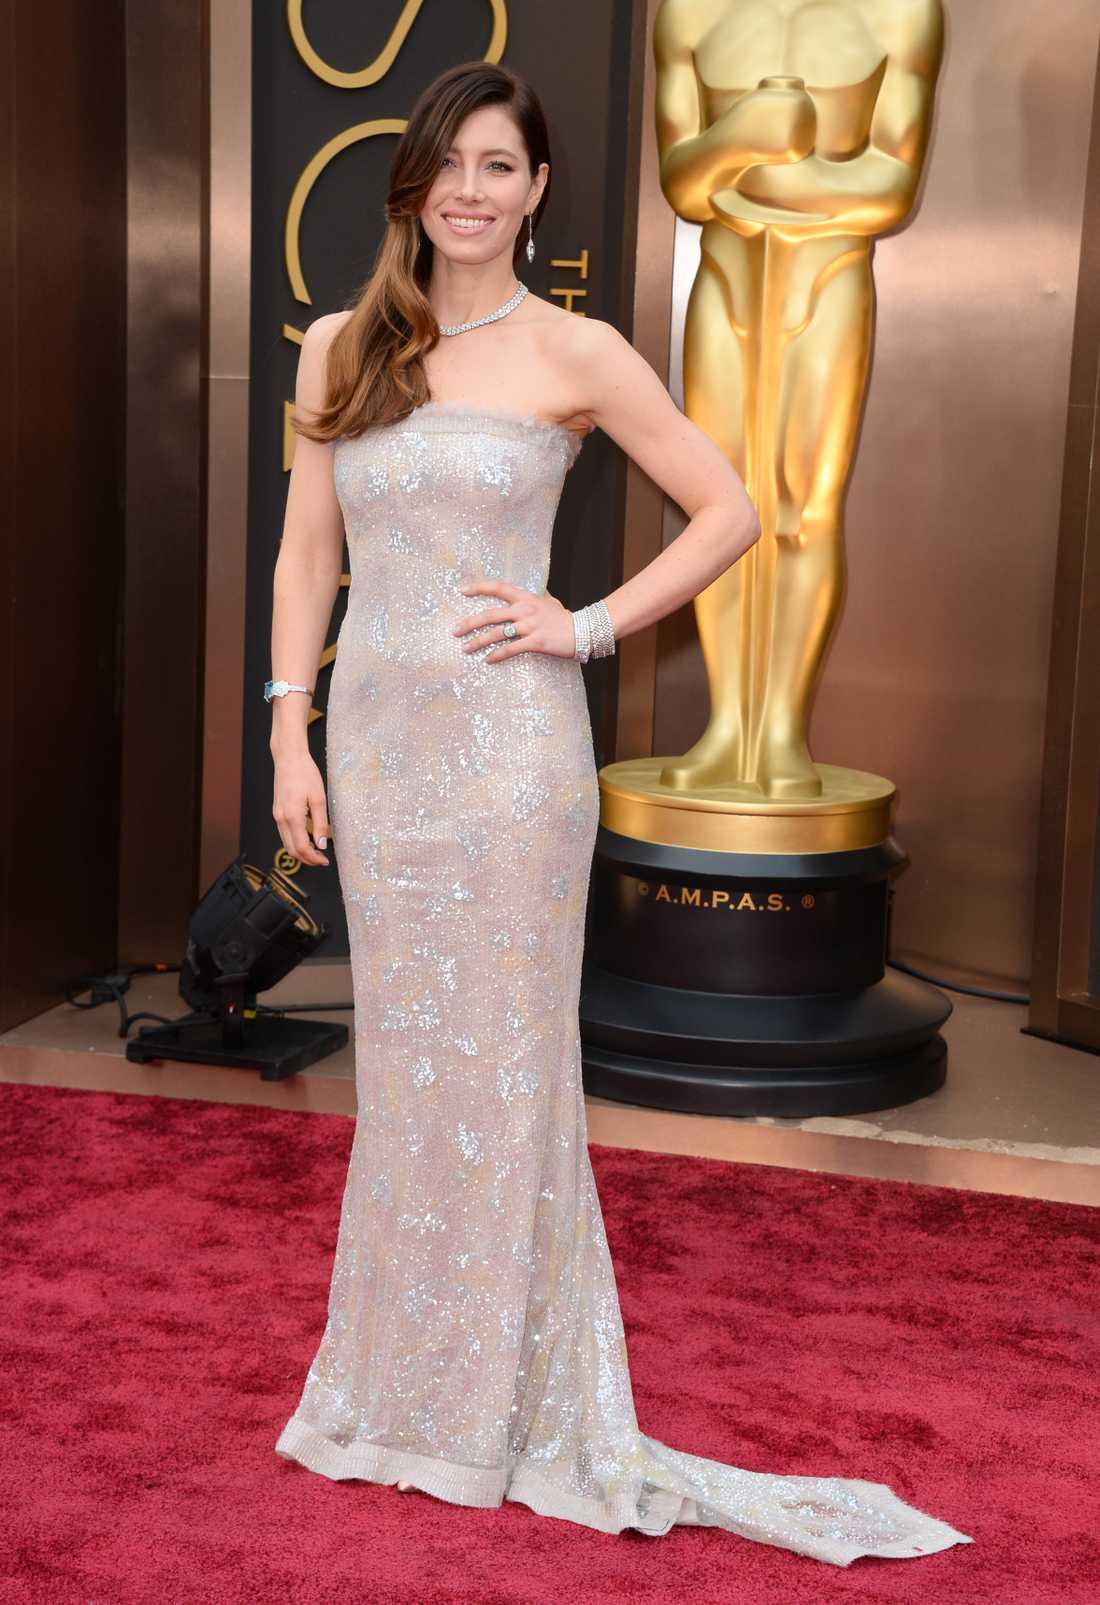 """+++++ Jessica Biel: """"Smashing! Äkta Hollywood-glamour i lyxpaket. Paljetterna gör verkligen sitt och Biel ser fantastisk ut i den här klänningen från Chanel Couture. Klänningen i sig hade ju varit rätt trist utan de sprakande stenarna, de fullkomligt lyfter hela dressen. Och som det lyfter."""""""